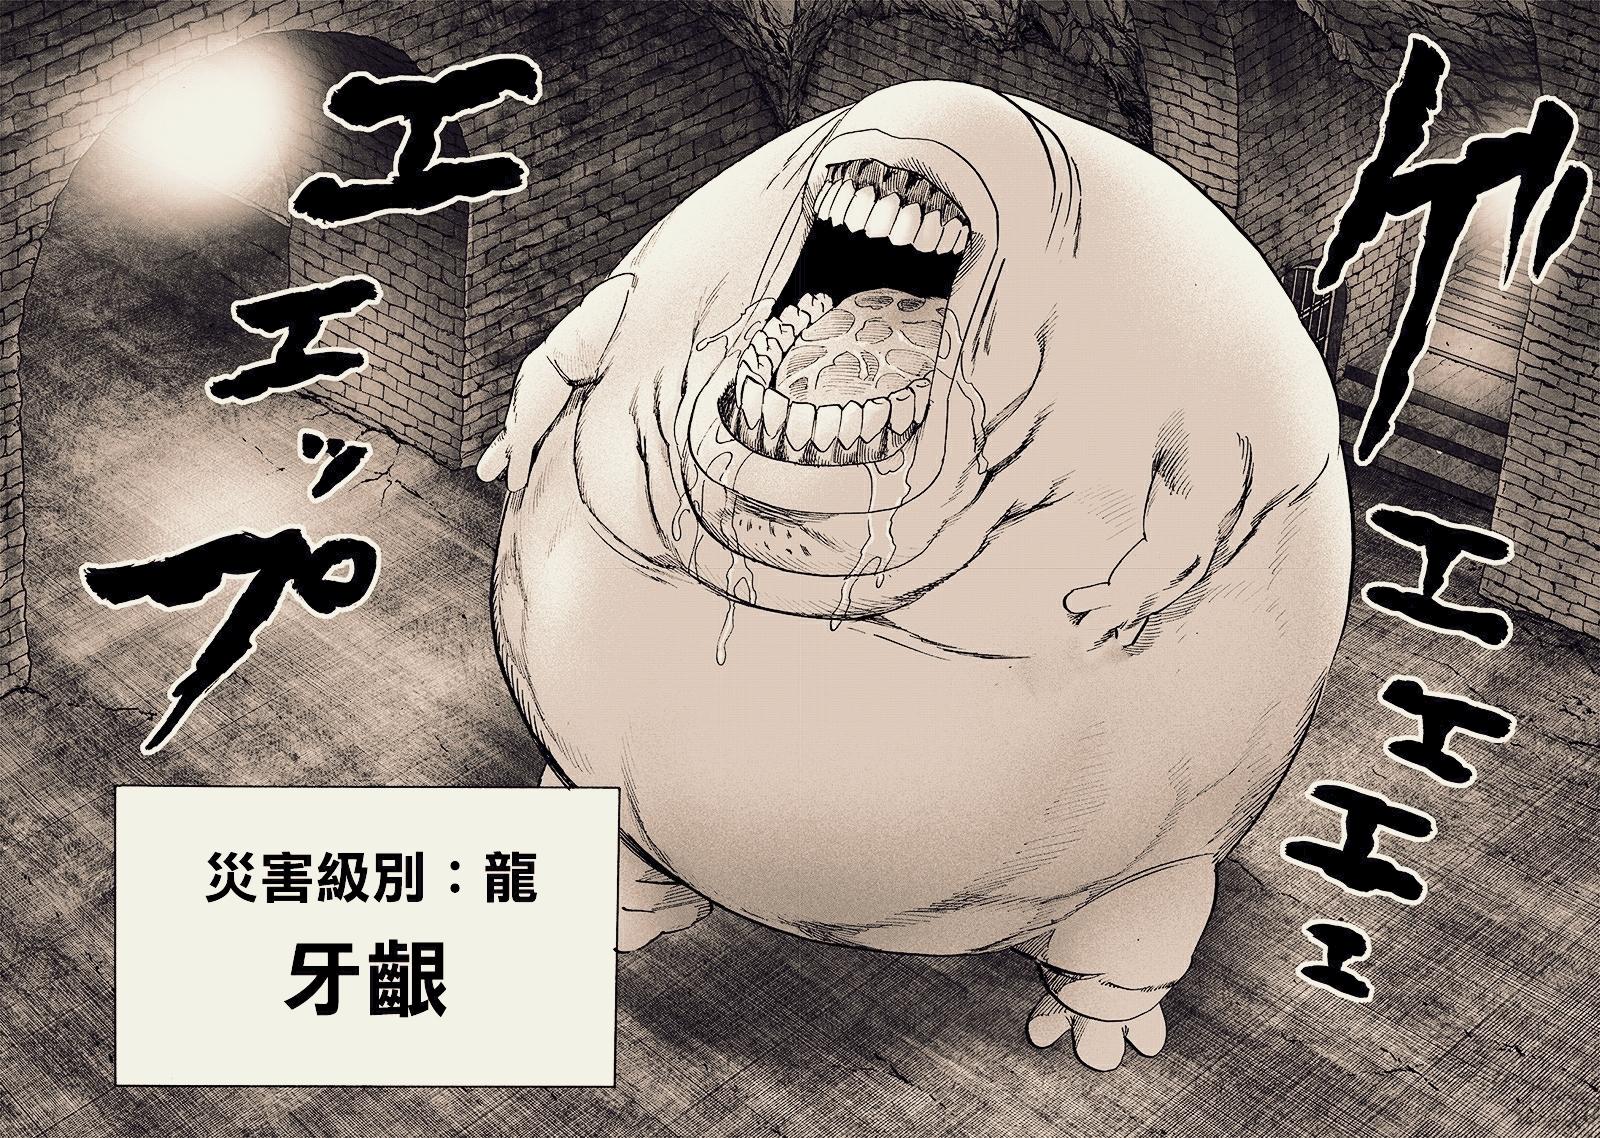 食戟之超级食神全文阅读(白夜梦)_书屋小说网